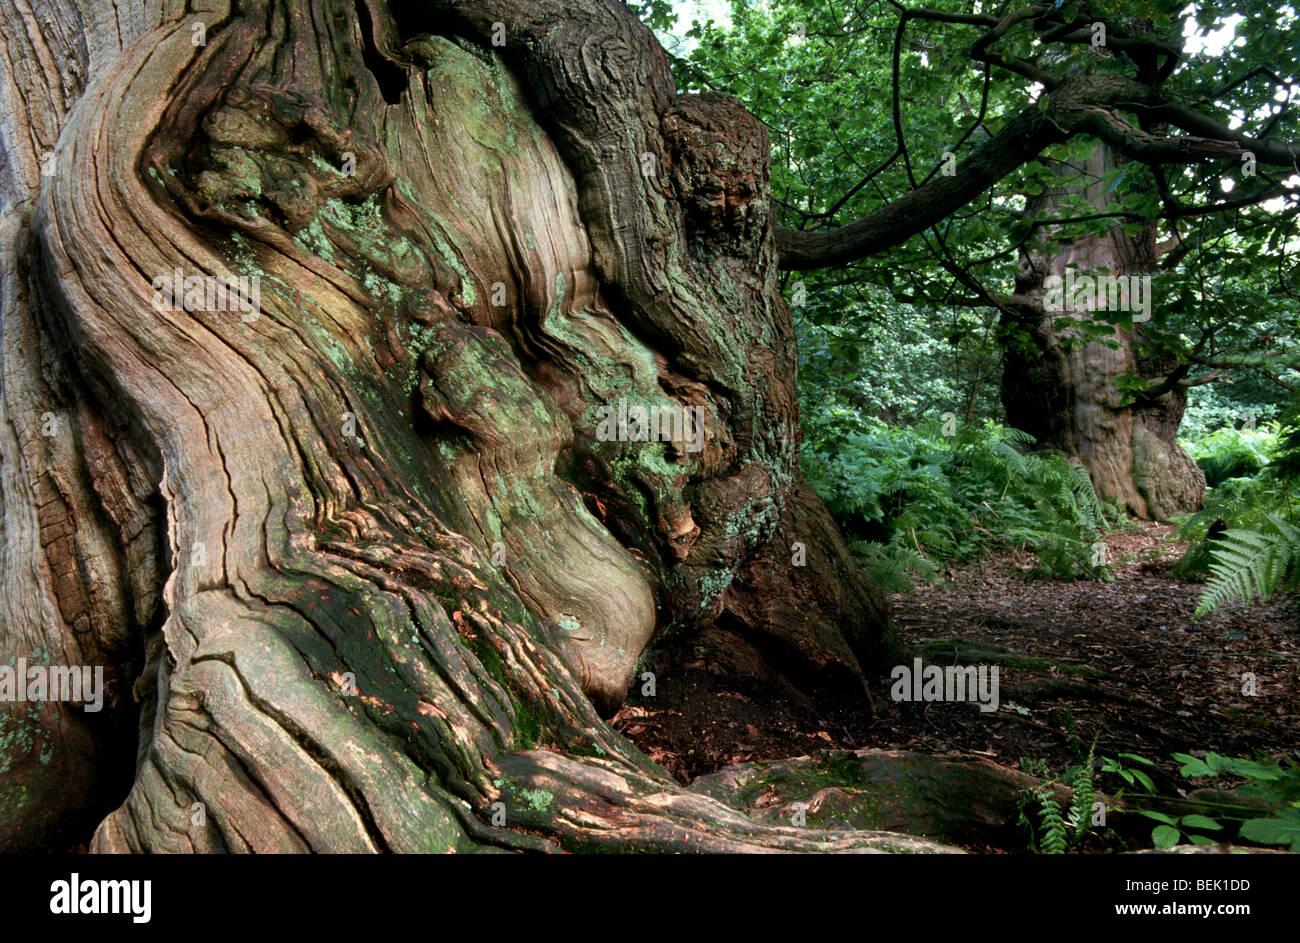 Old oak in woodland of Sherwood Forest, Nottinghamshire, UK Stock Photo